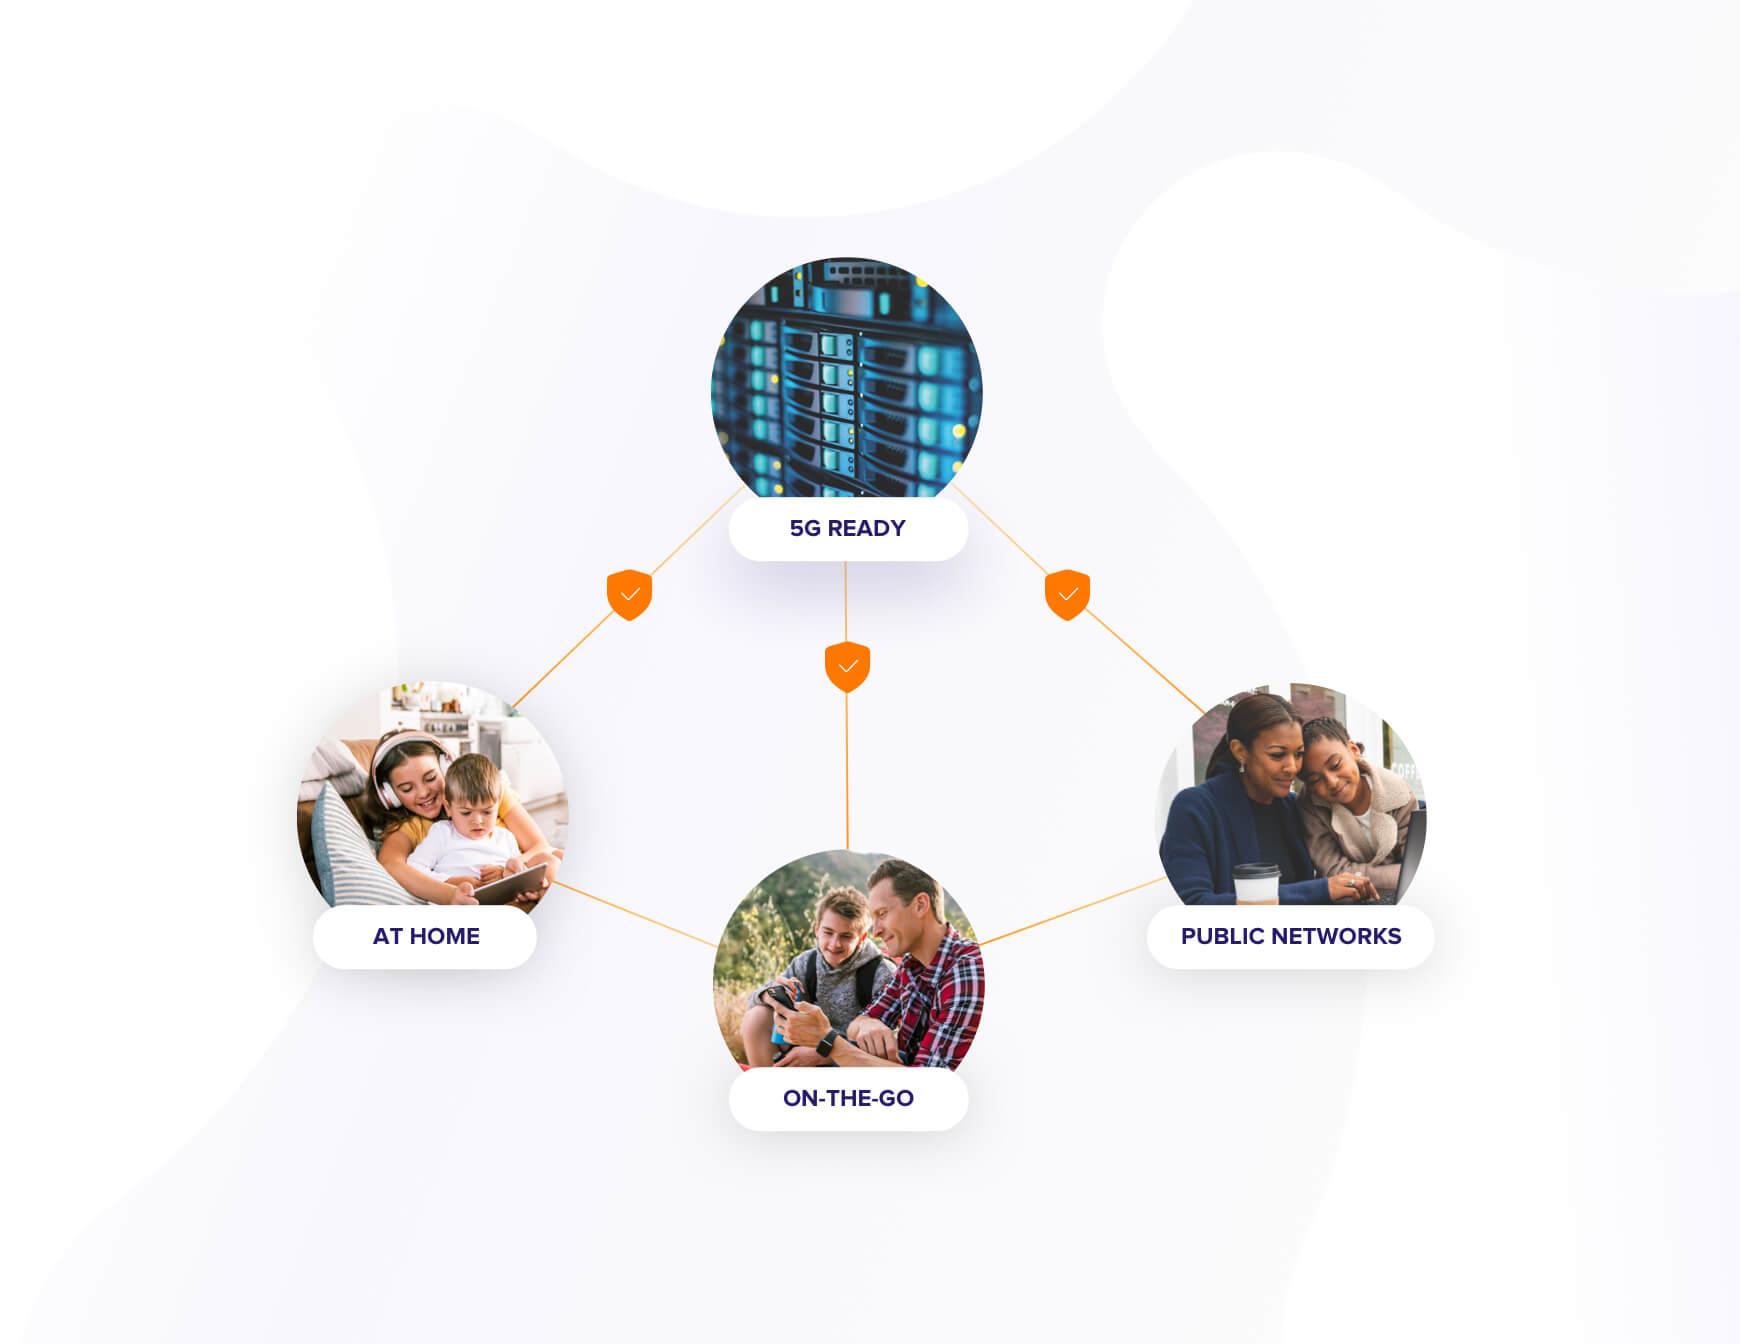 פתרונות משולבים לחלוטין להגנה על כל החיים הדיגיטליים של הלקוחות שלך